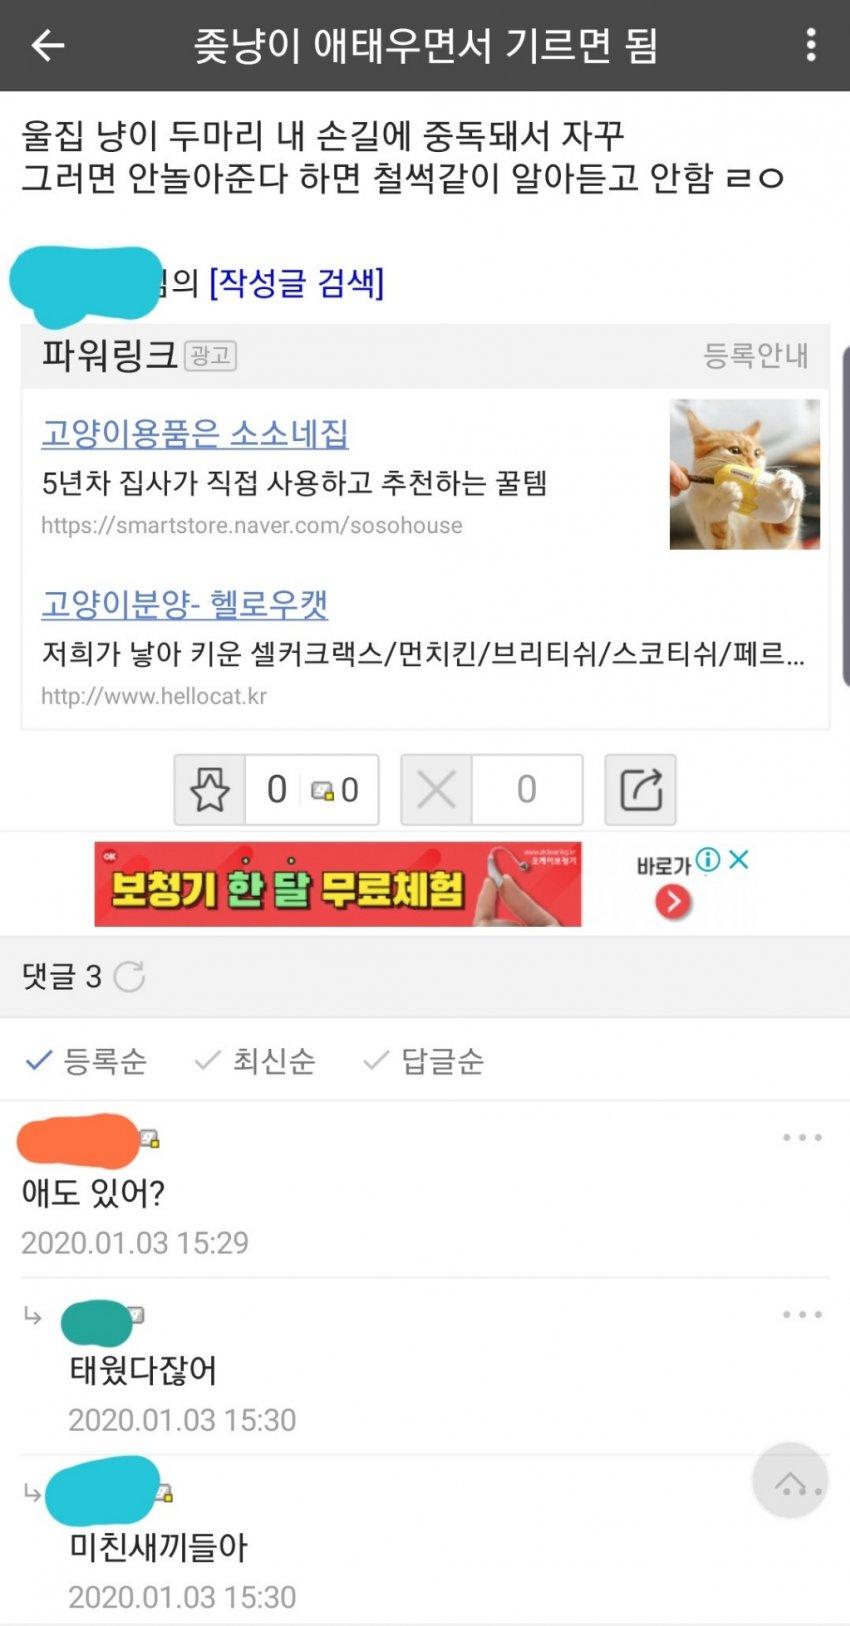 viewimage.php?id=3eb4de21e9d73ab360b8dab04785736f&no=24b0d769e1d32ca73dec81fa11d028314d3faebecfec25ed6aa779bc795bf309f4da80a0f0491c5e82346b11ff667e343e9cac40143d3cf0122db40adf3bfe3a7ea4e07a89cdbf046df5f07de9fd95cc93145a734601290e77dcc5bae98538ec9487b498a1708451